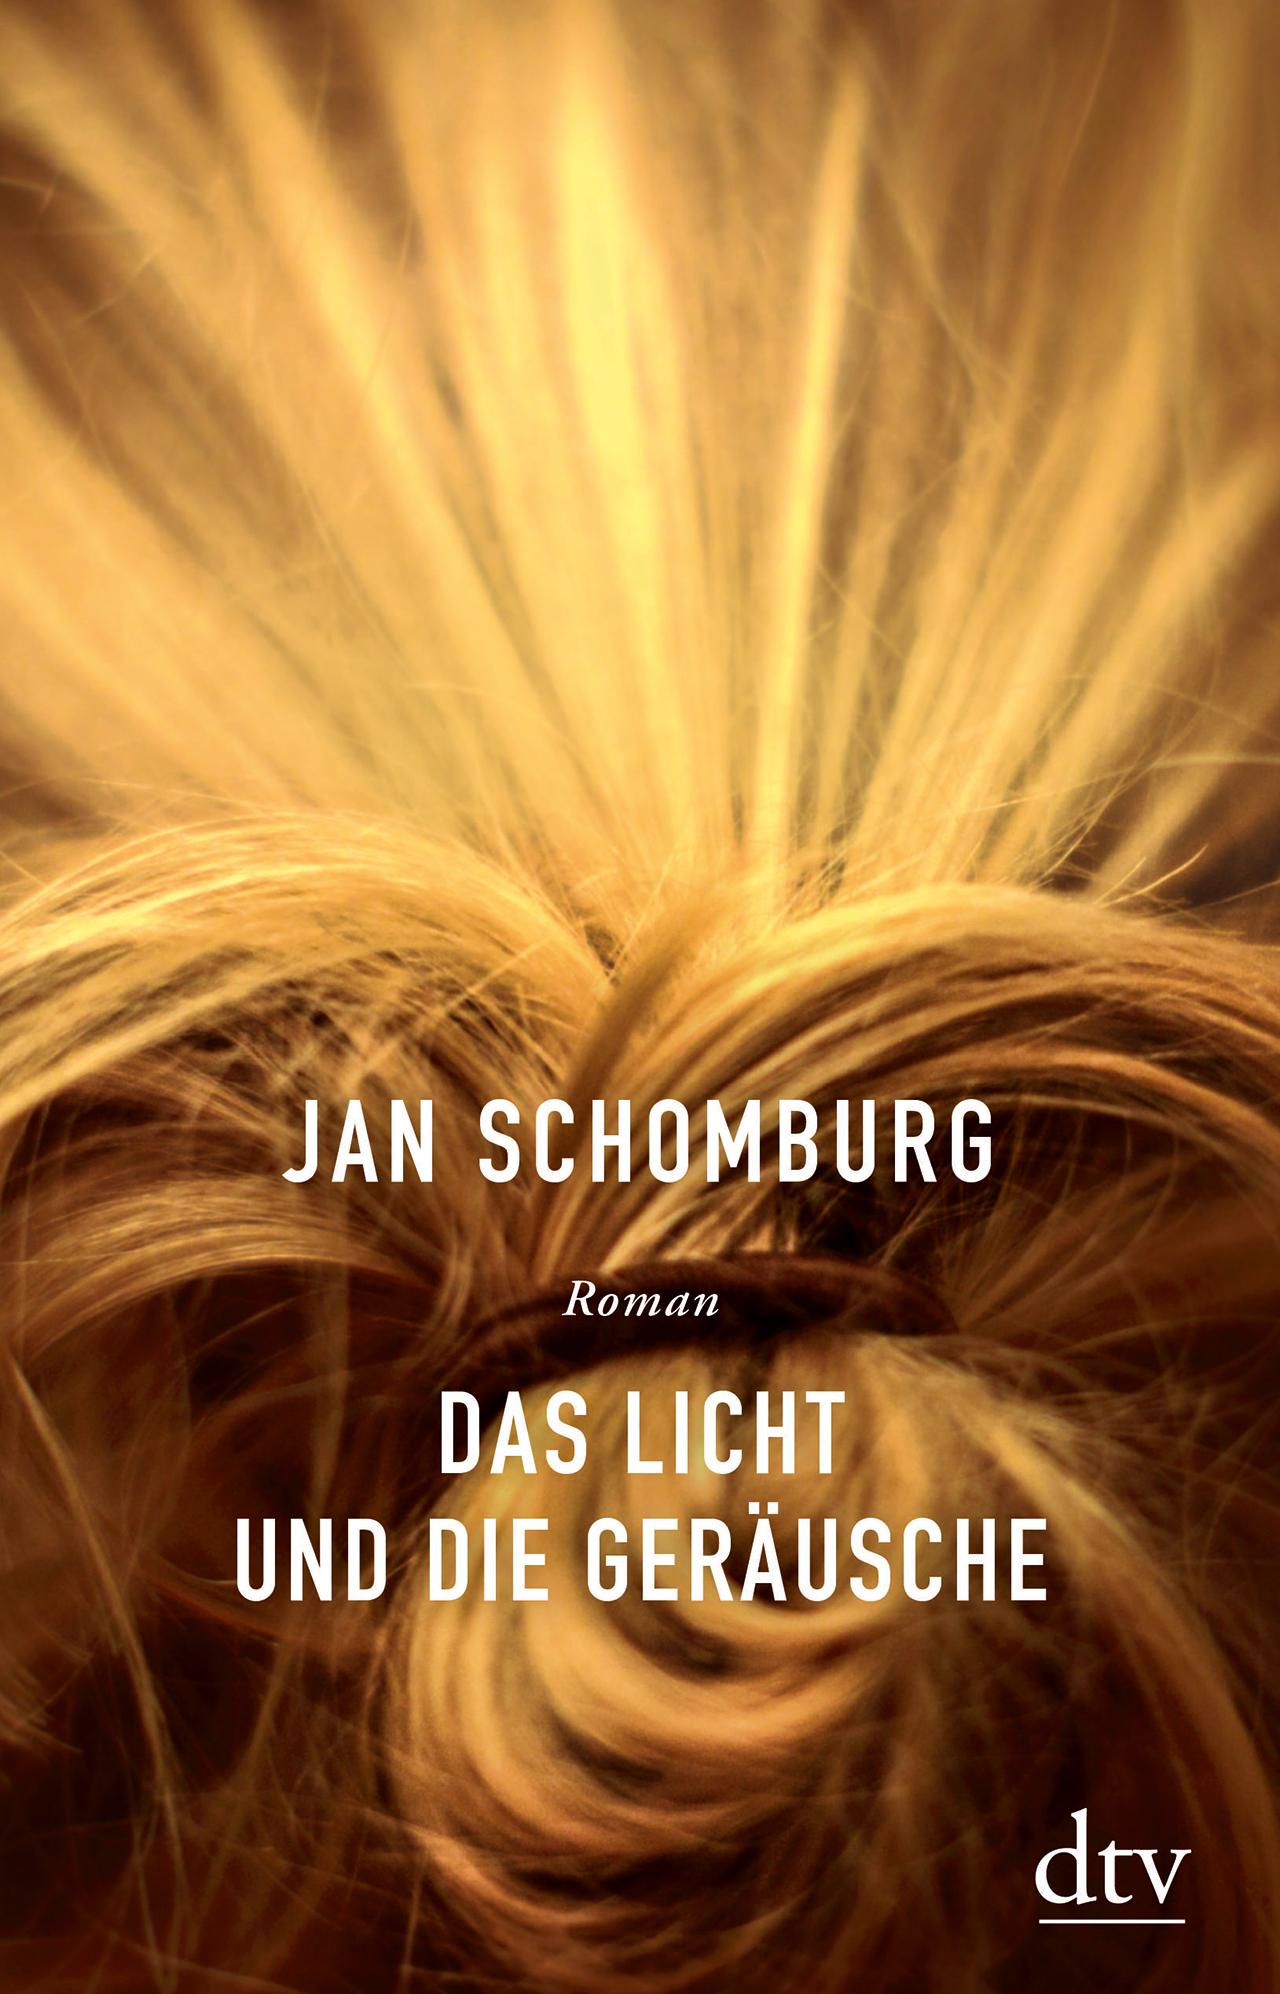 """Buchcover Jan Schomburg - """"Das Licht und die Geräusche"""""""